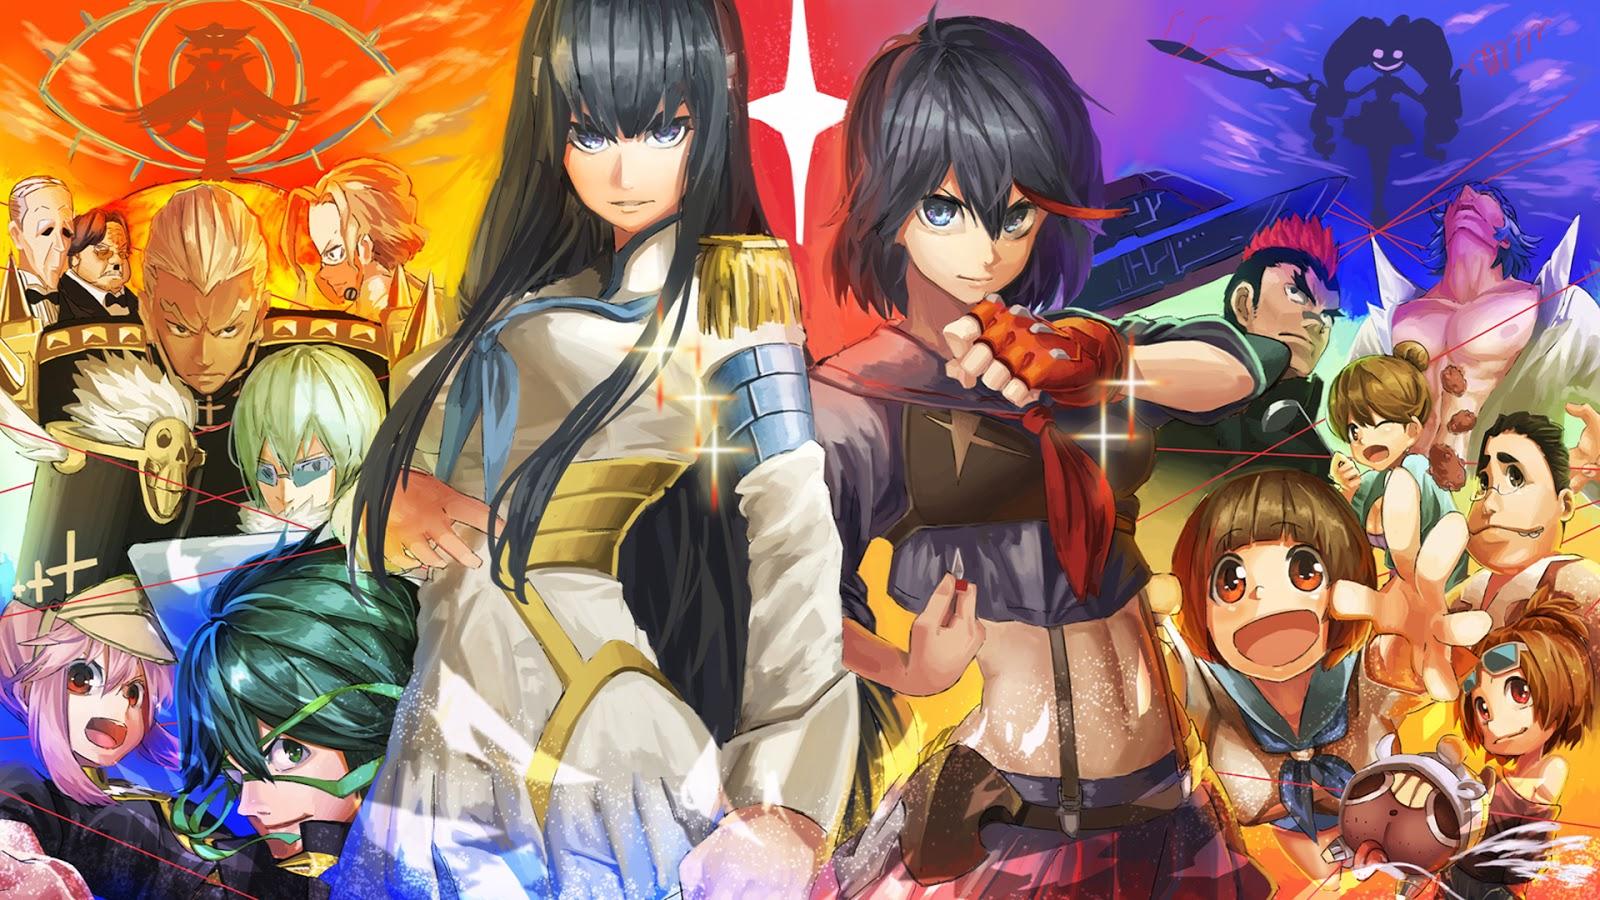 Kill la Kill 1920x1080 Anime 68 HD Wallpaper 1600x900